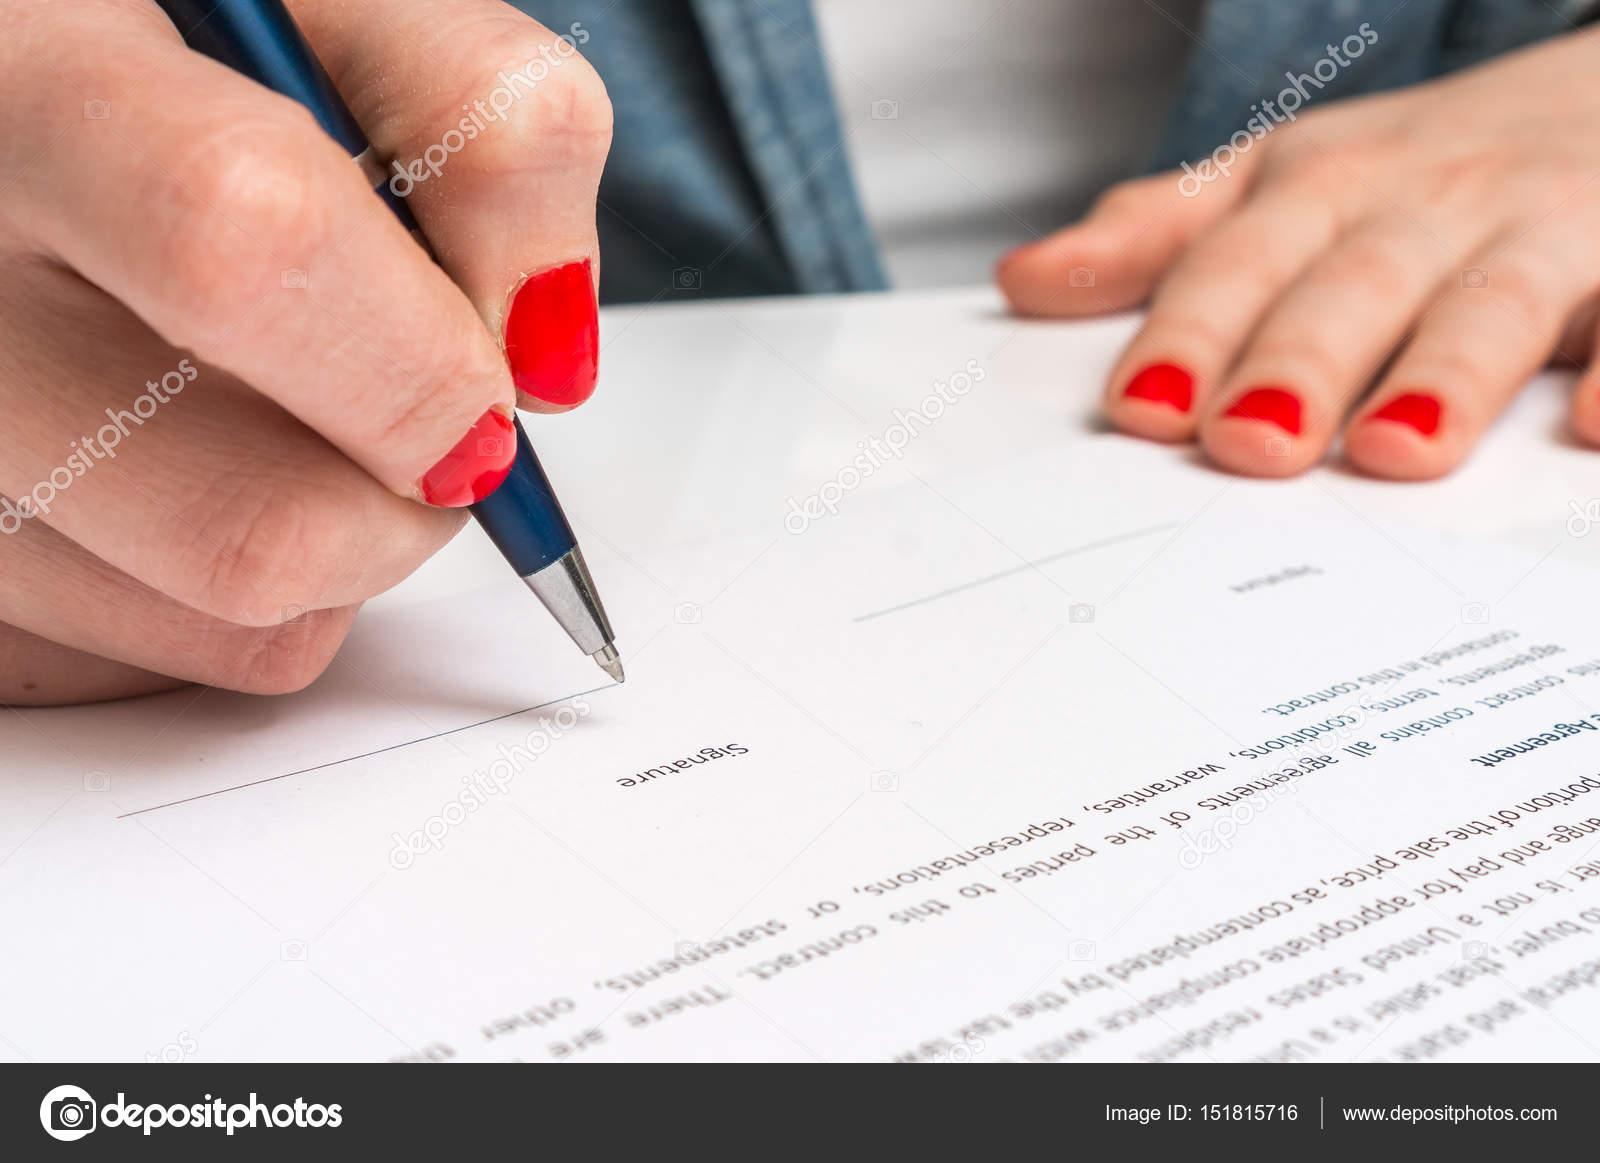 Frau Mit Kugelschreiber Vertrag Unterschreiben Stockfoto